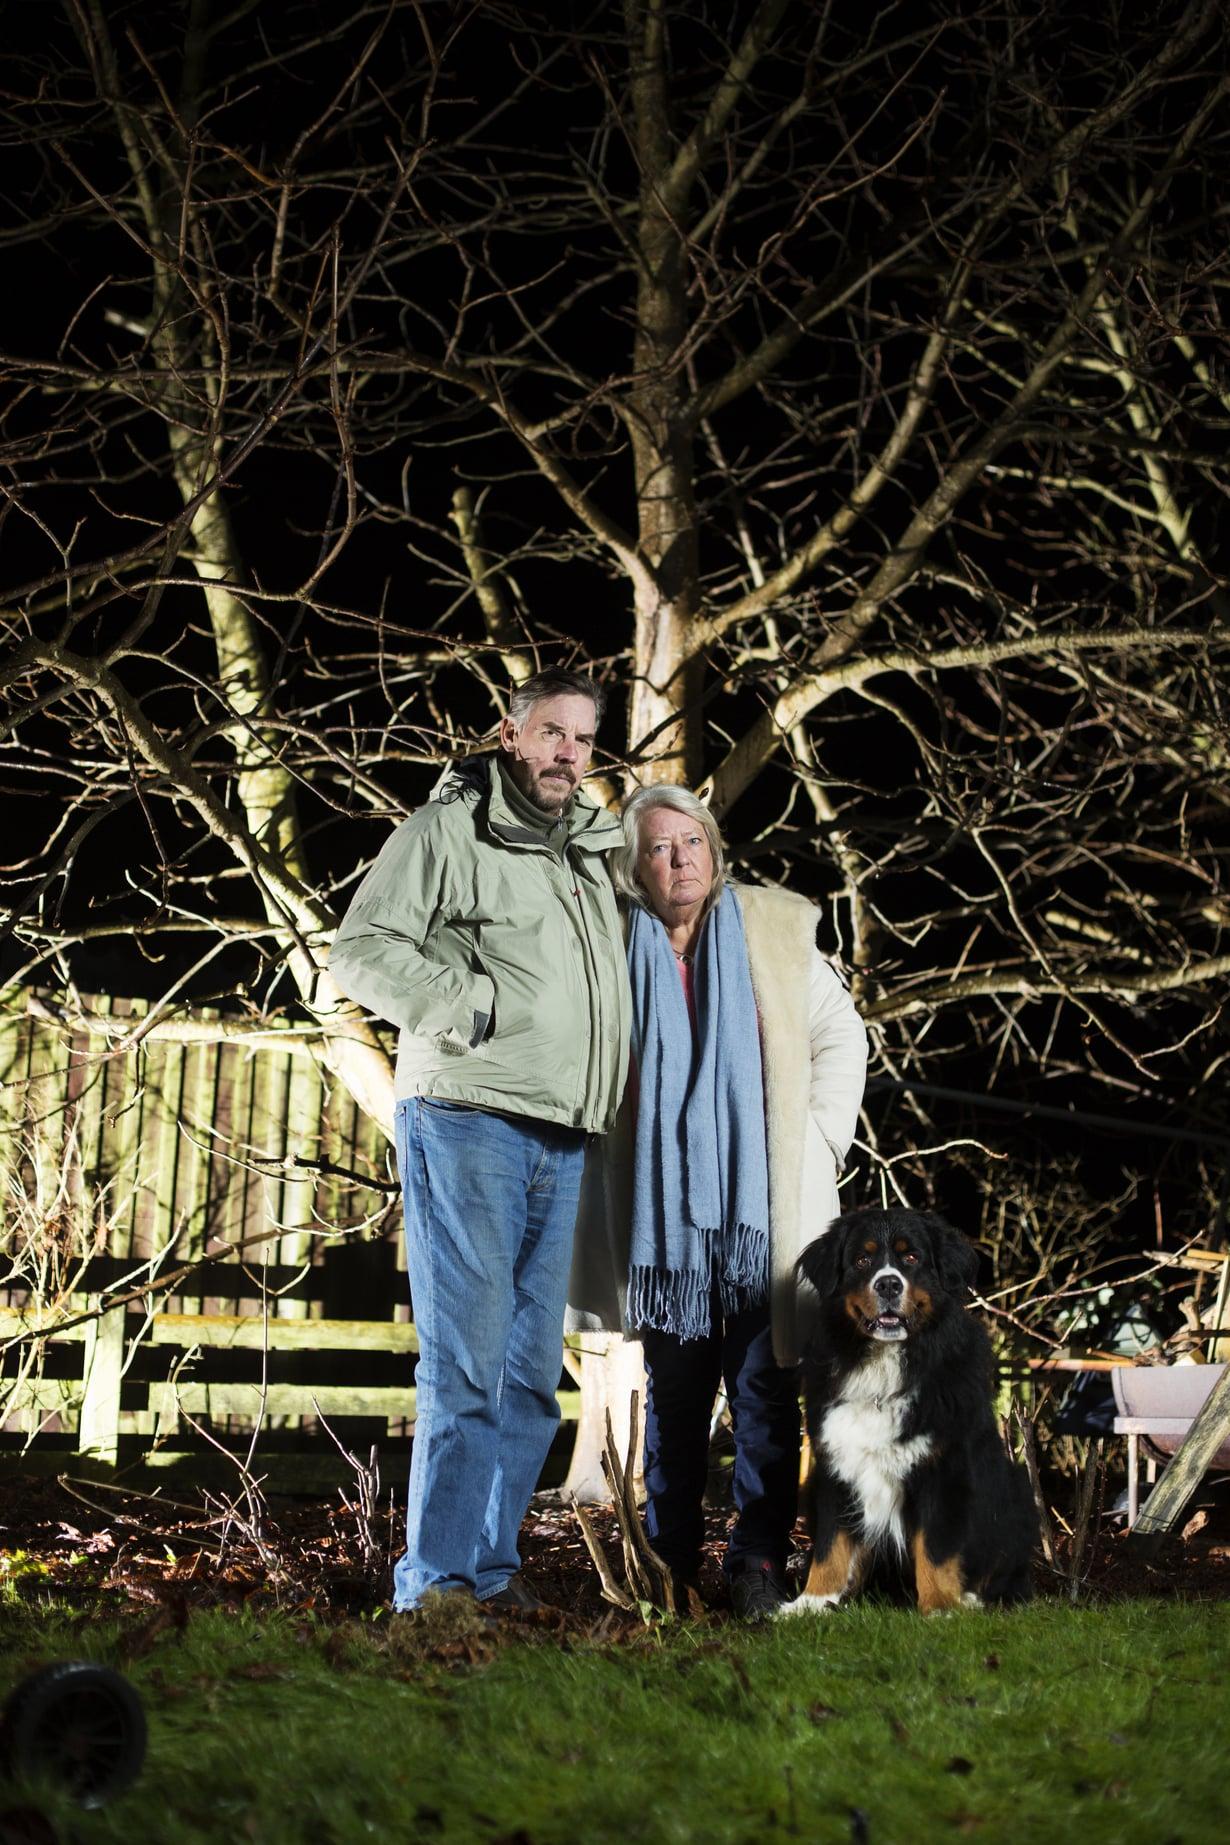 Ingrid ja Joachim Wallin tytär Kim kiipeili lapsena mielellään pihan kastanjapuussa. Nyt puu muistuttaa heitä tyttärestä, jota ei enää ole.